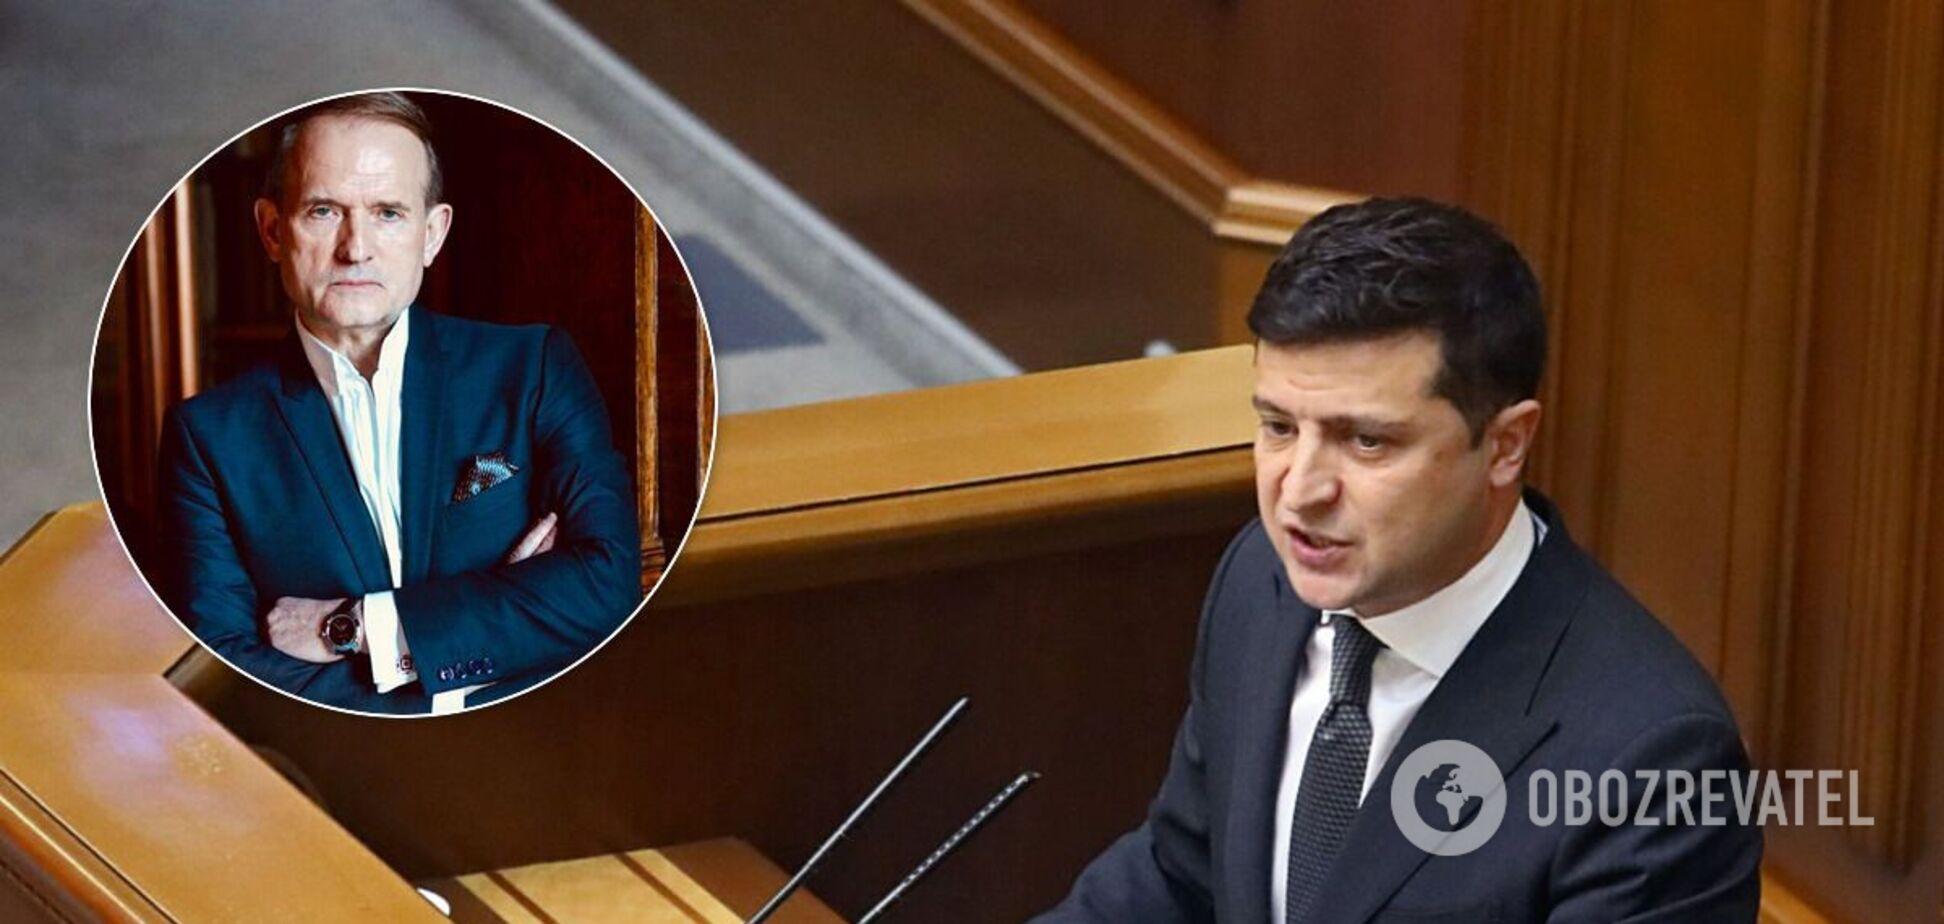 Владимир Зеленский ввел санкции против правой руки Виктора Медведчука - Тараса Козака